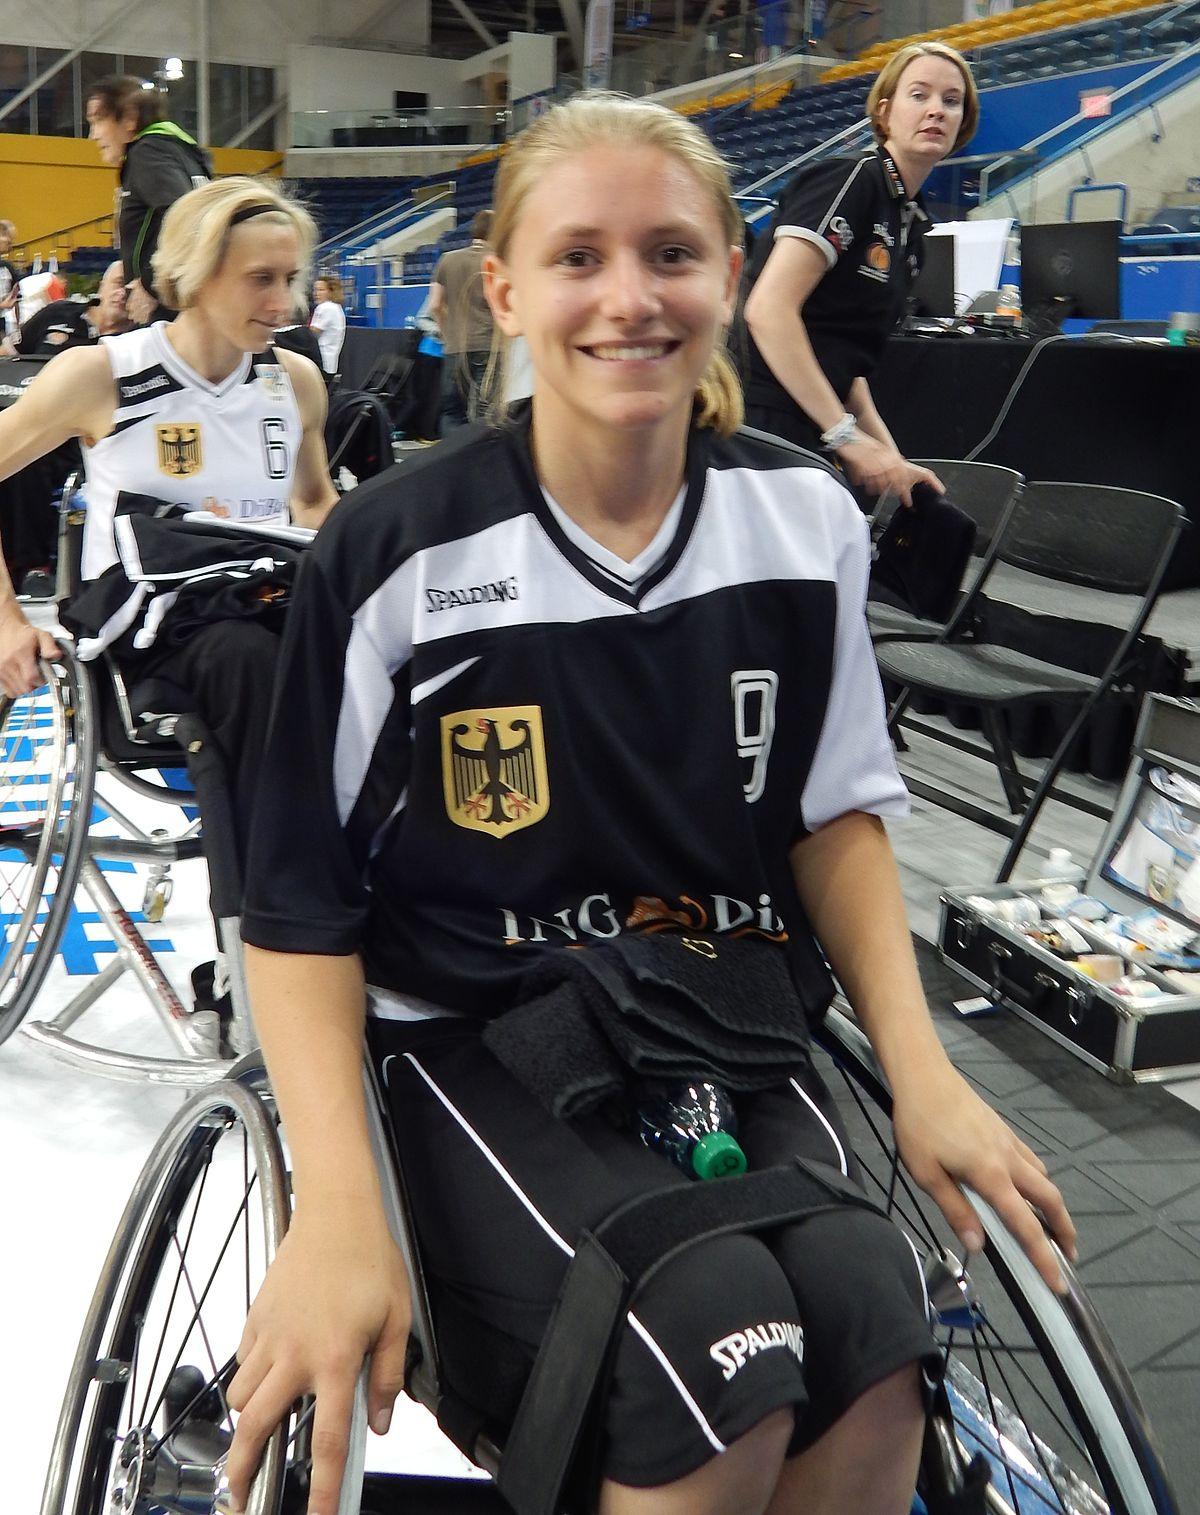 Laura Fürst - Wikipedia